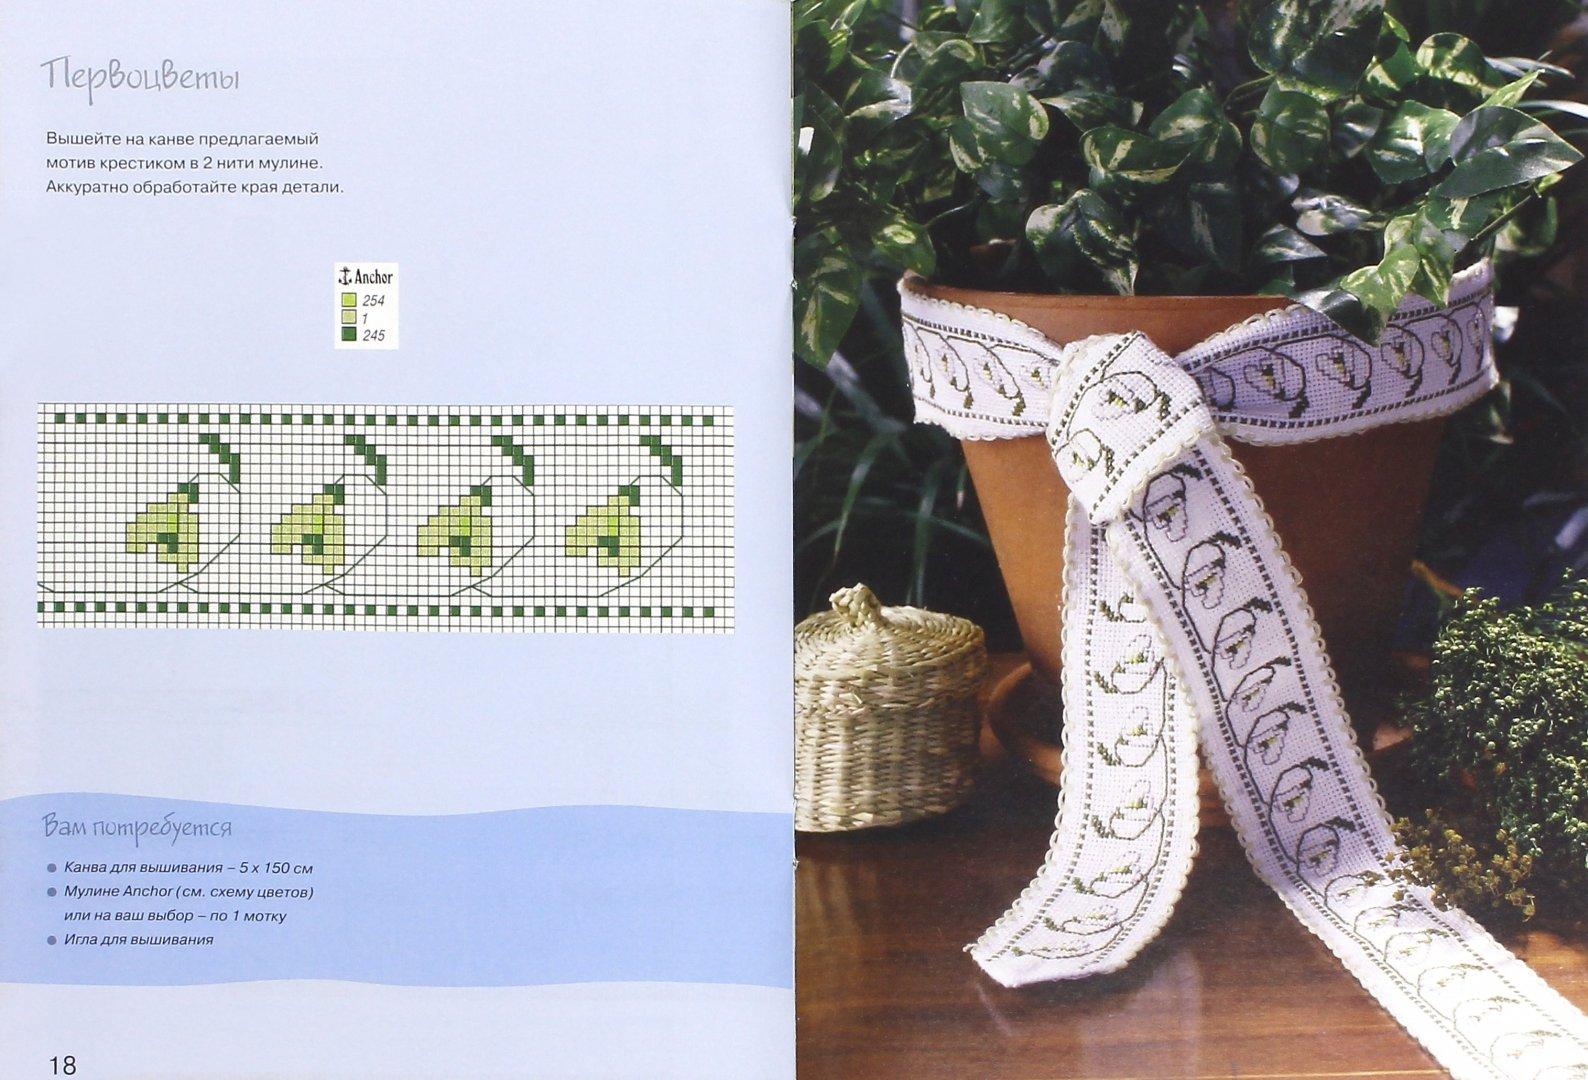 Иллюстрация 1 из 10 для Украшение дома. Вышивка - О. Климова | Лабиринт - книги. Источник: Лабиринт